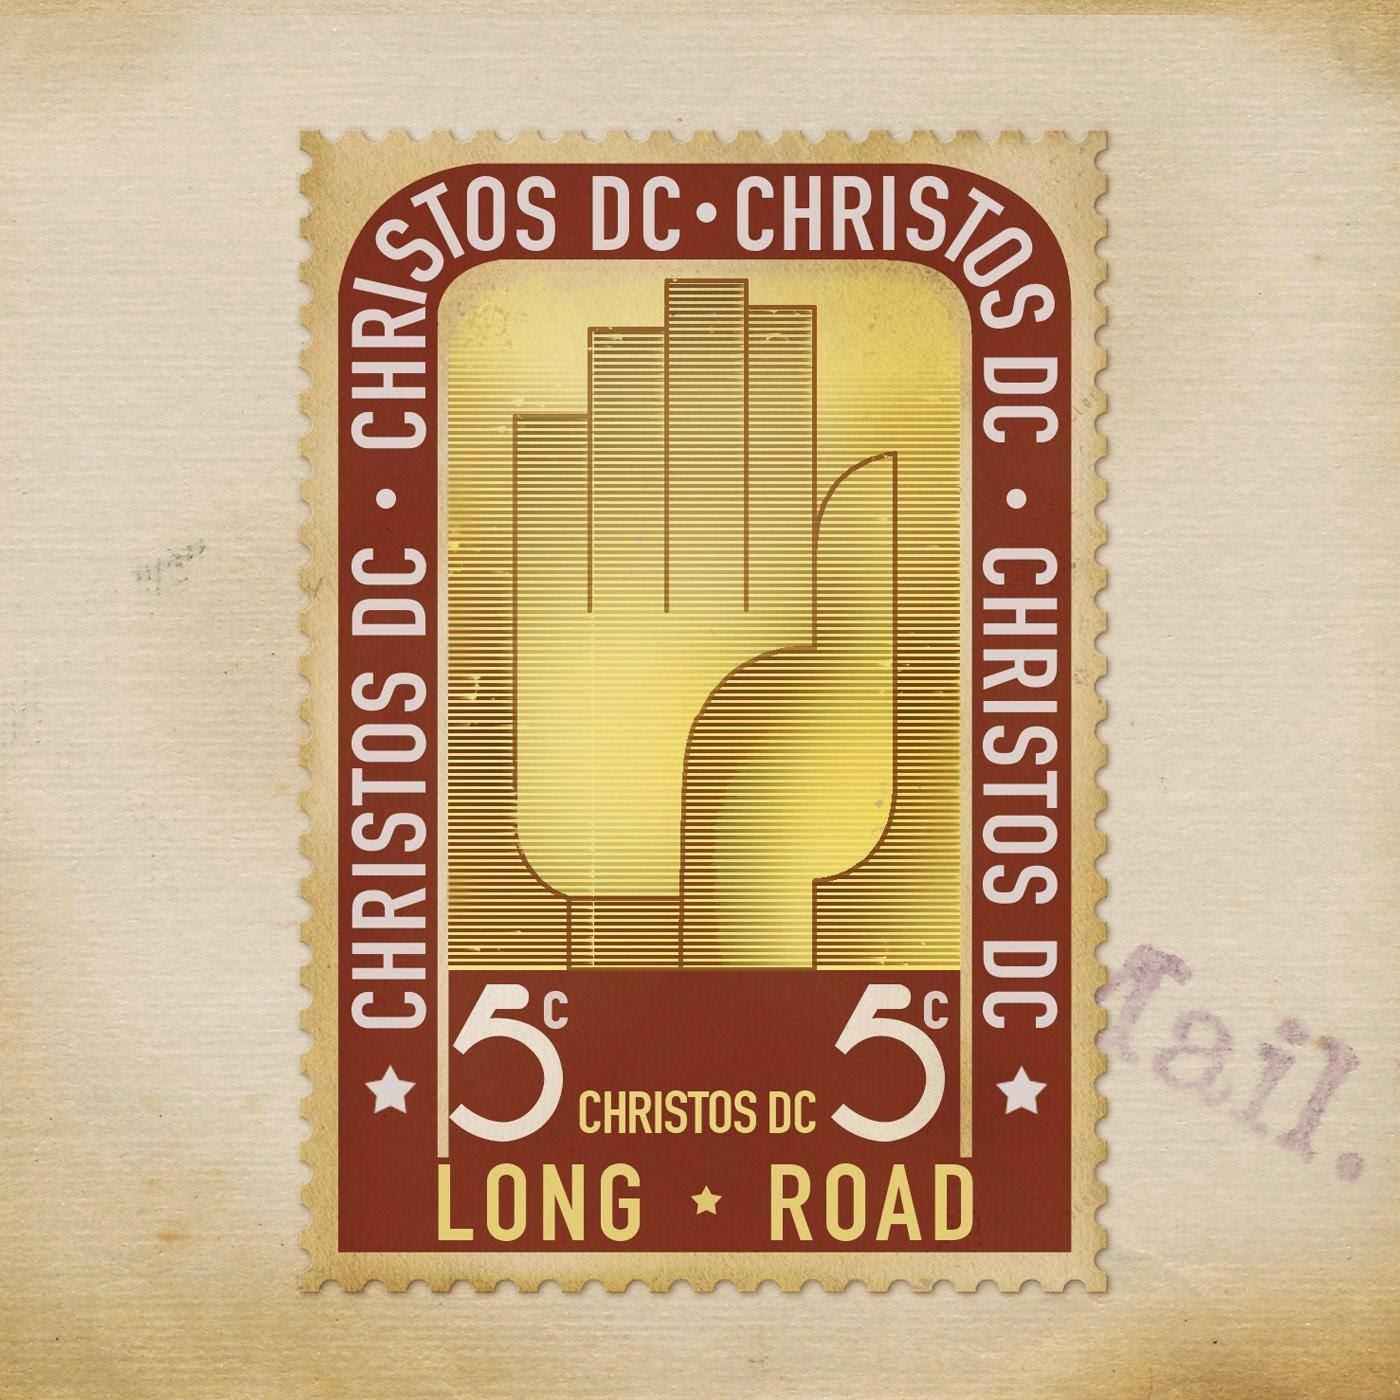 http://www.d4am.net/2014/04/christos-dc-long-road.html